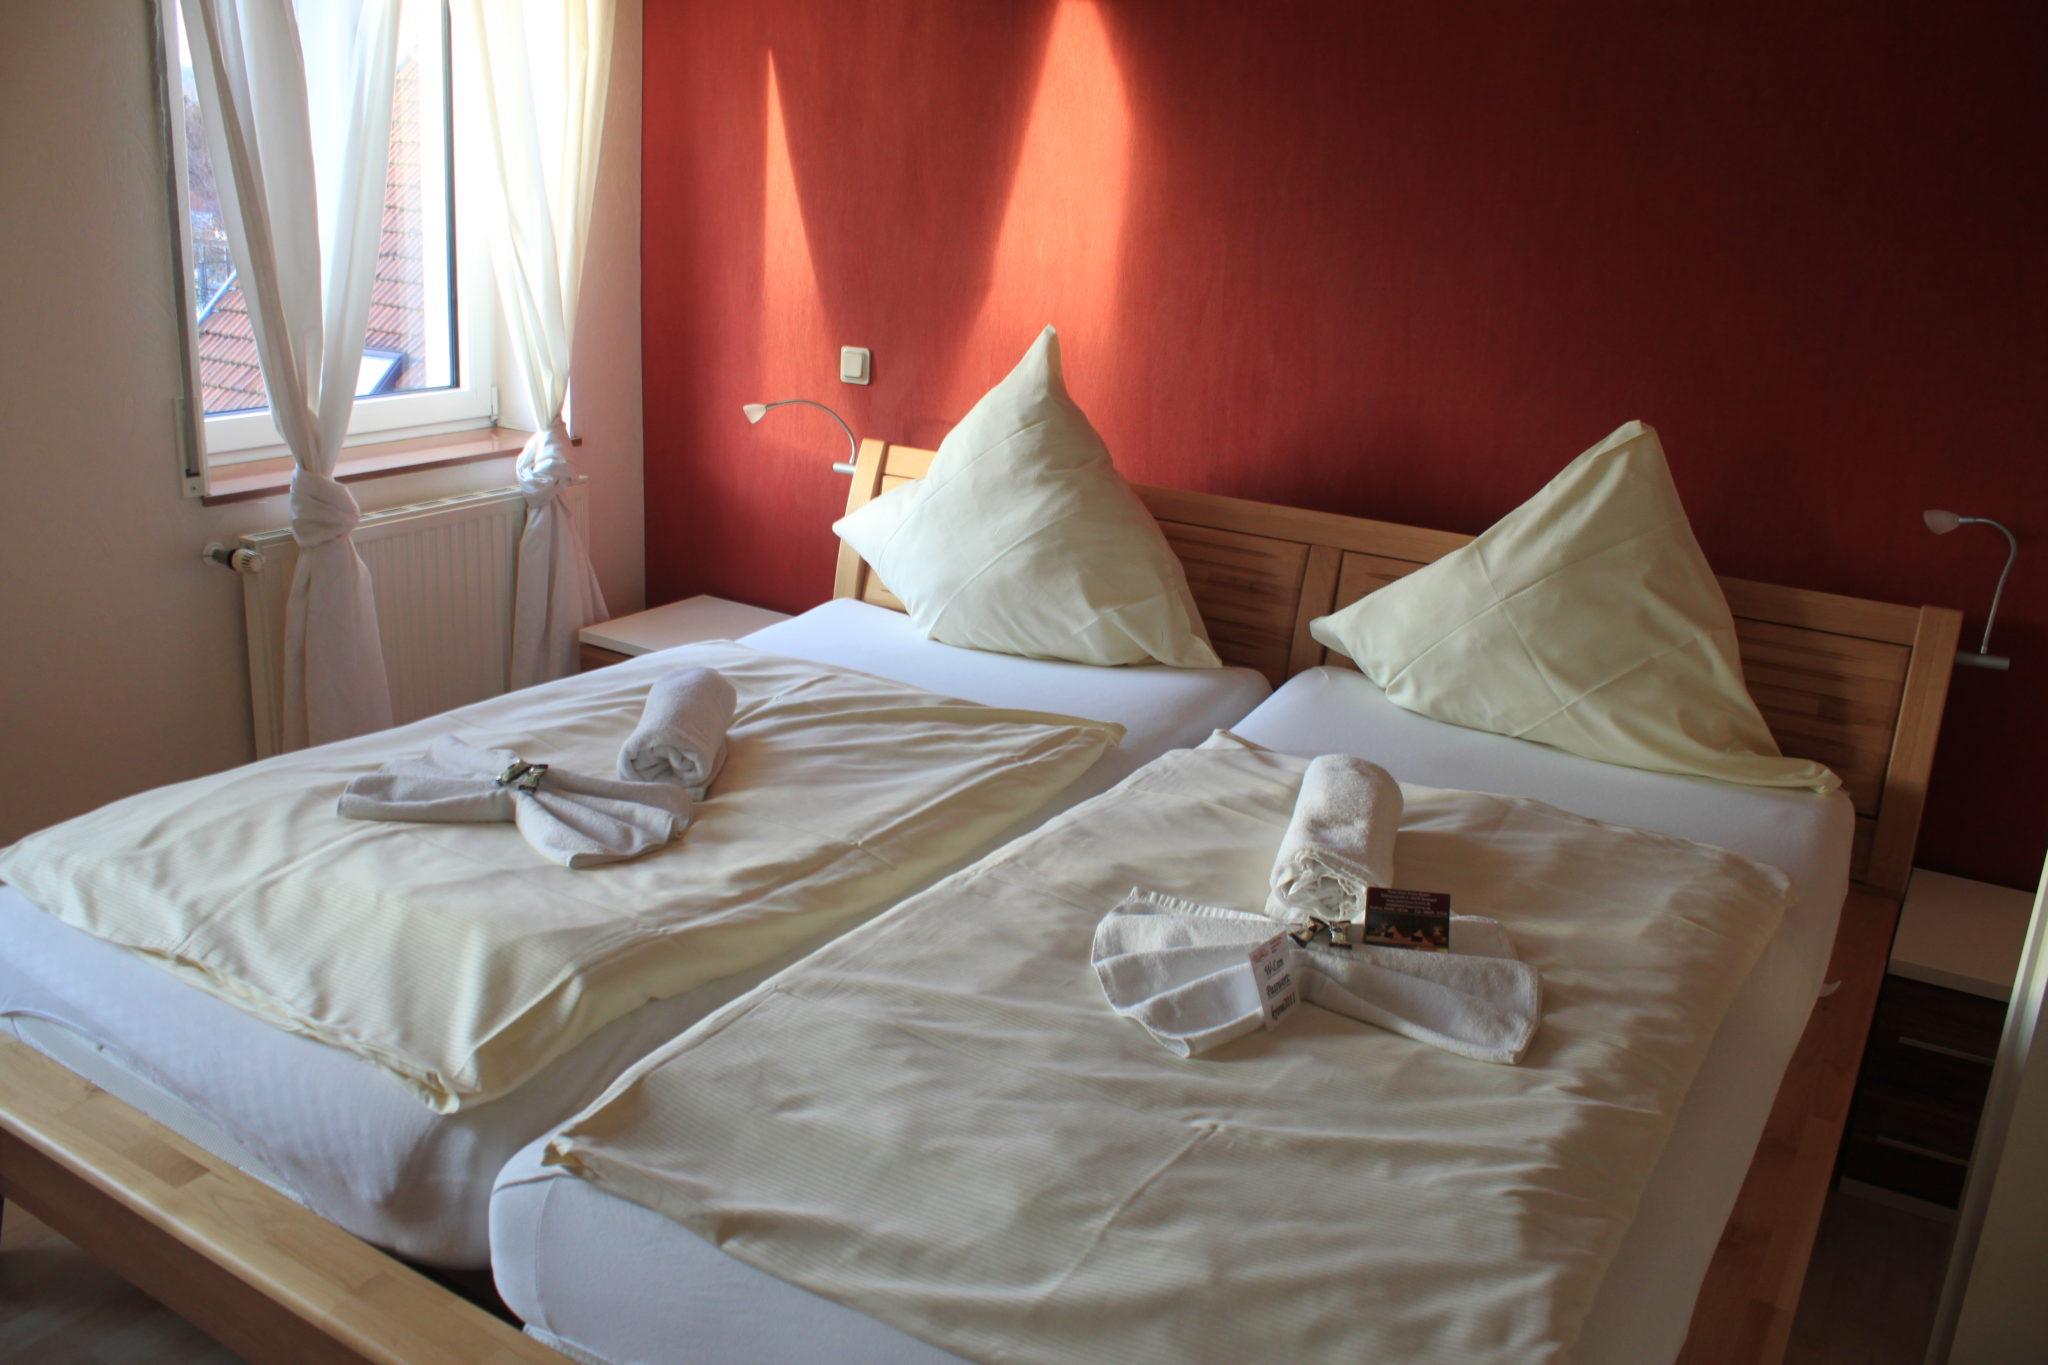 Bild vom Doppelimmer des De Luxe Apartment